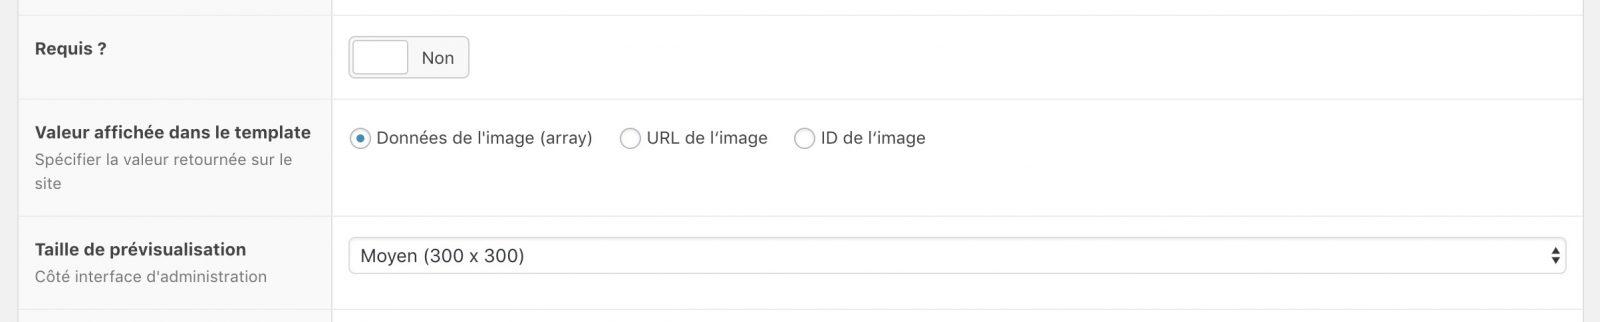 Les différents choix de données renvoyées par ACF pour l'image